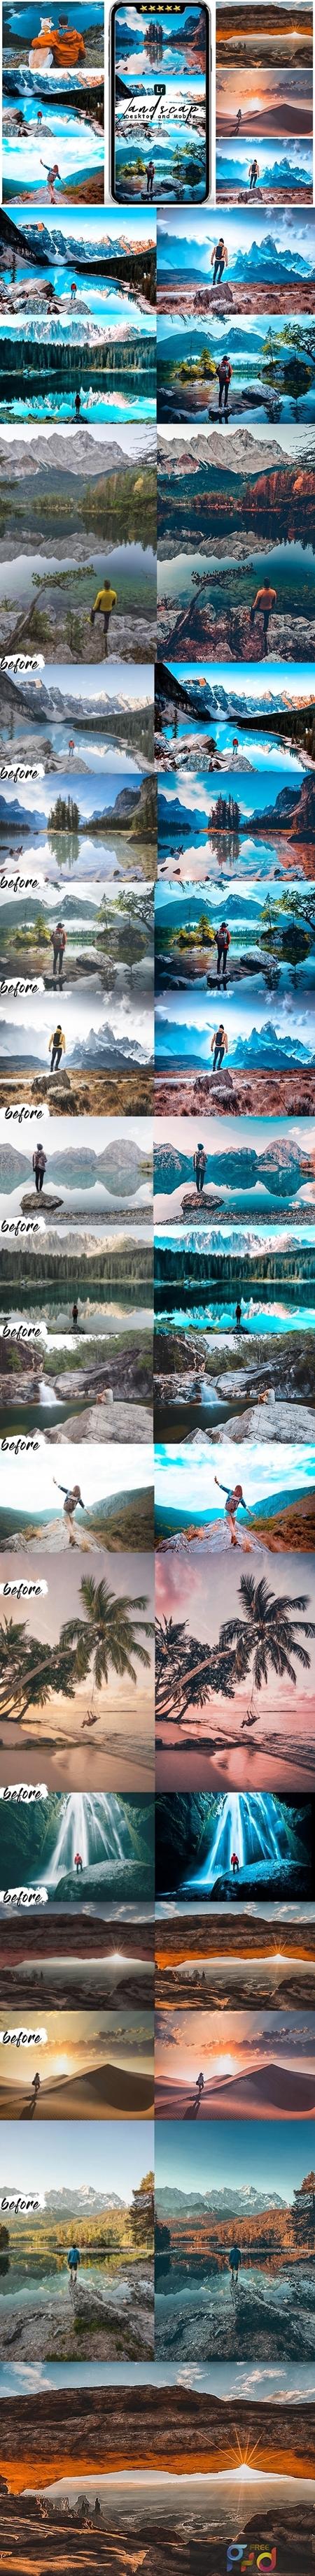 Landscape Presets Preset For Mobile and Desktop Lightroom 25559885 1